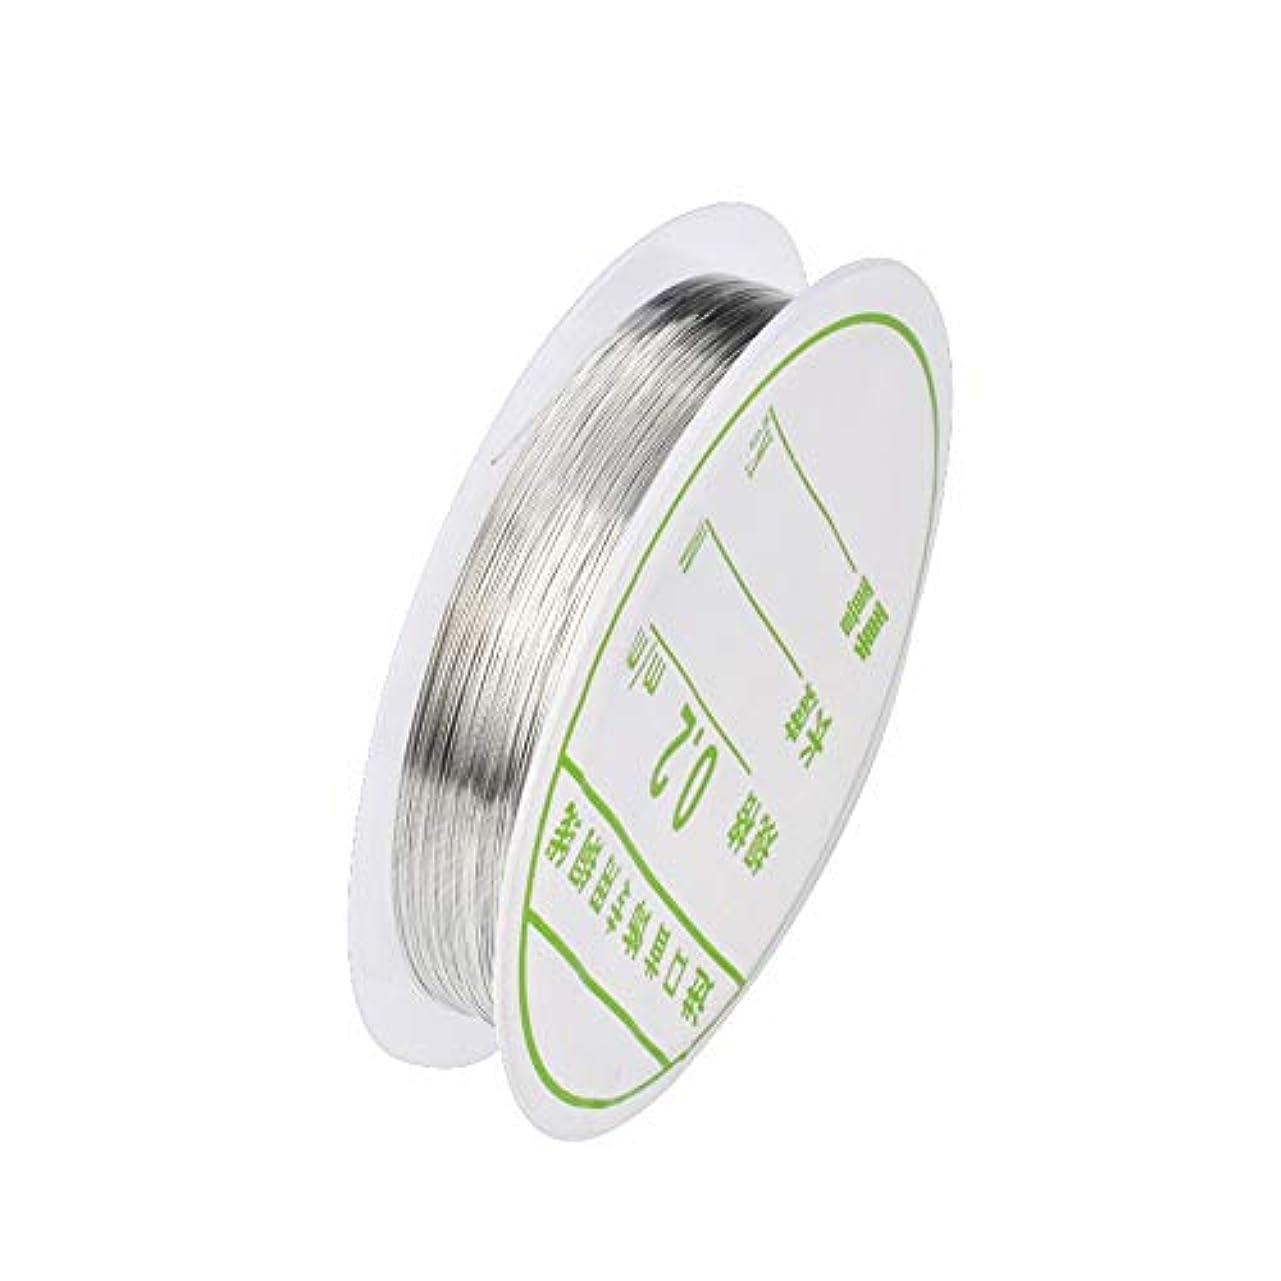 吸収いいね強要1個ワイヤーネイルアートデコレーションチャームラインDIYデザイン3Dのヒントラインストーンジュエリーマニキュア用品,銀